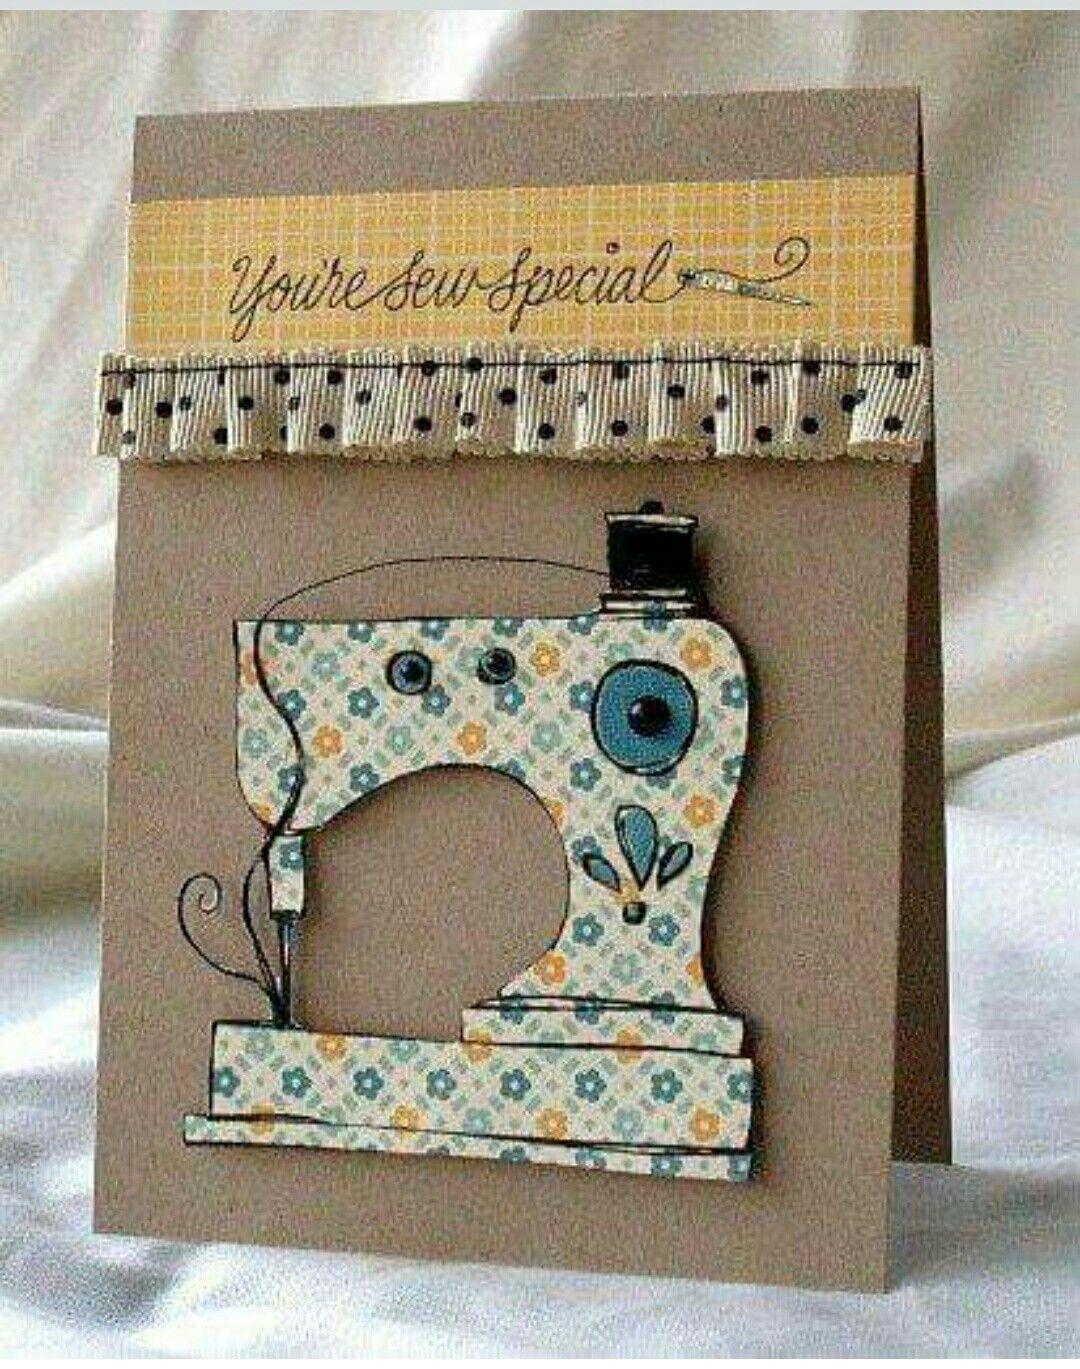 открытка в виде швейной машинки узнать характер